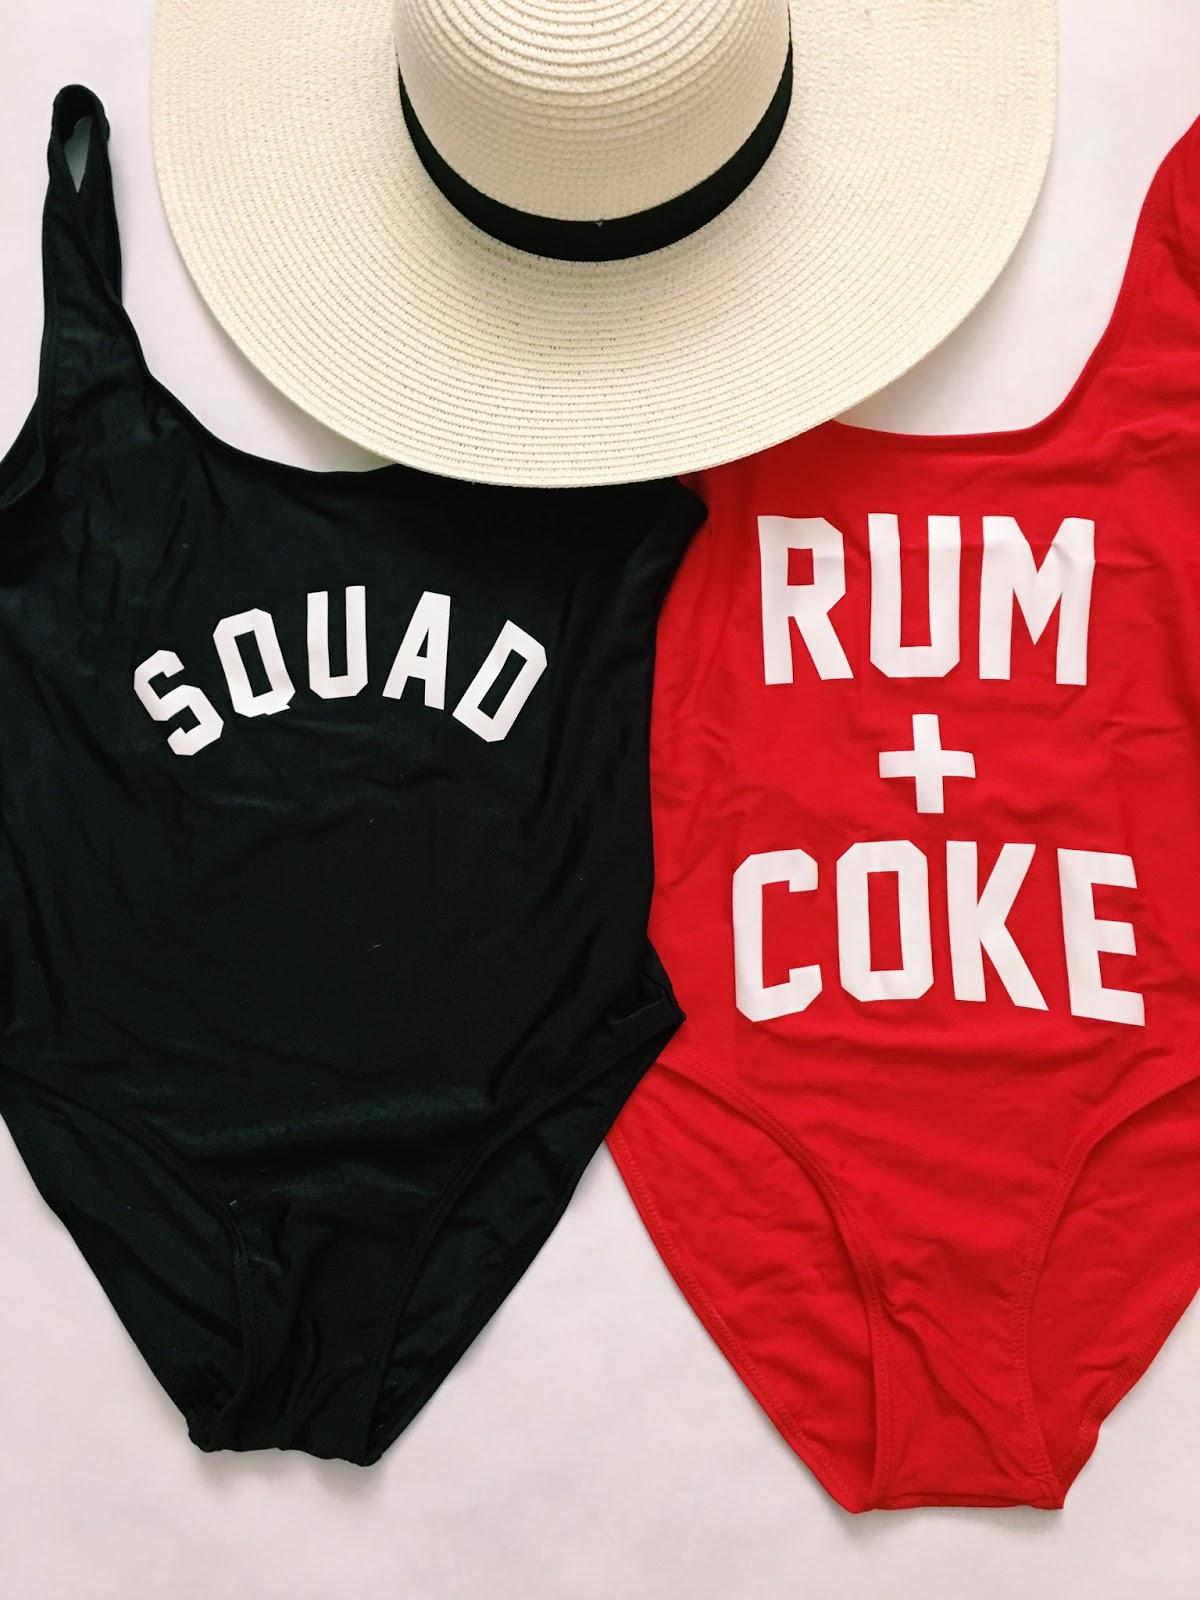 SQUAD, RUM + COKE swimsuit